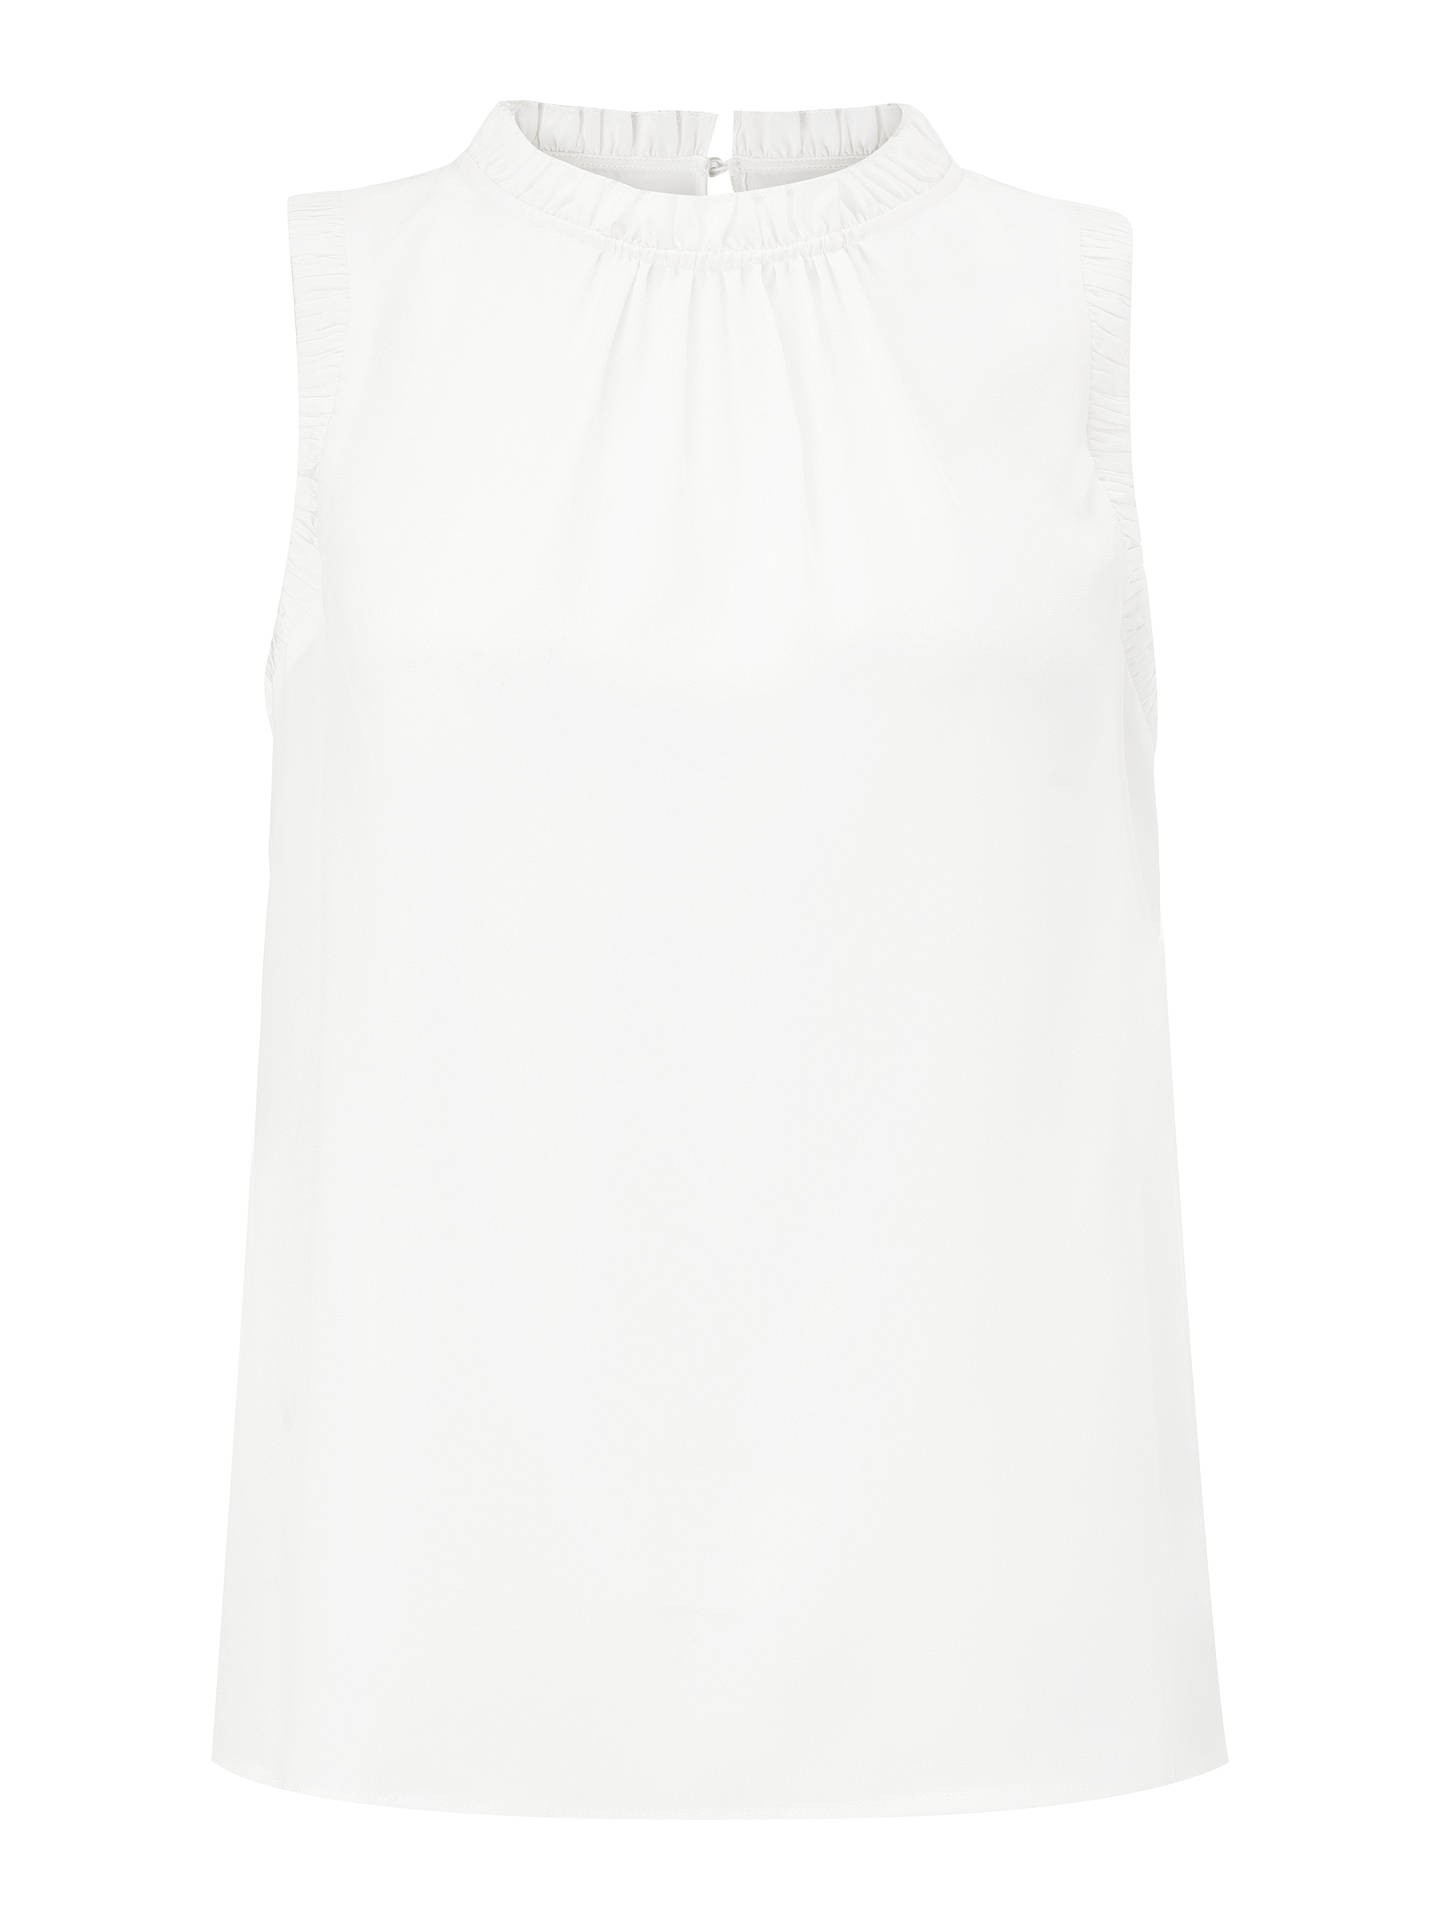 b8d4917bdbecb9 ... Buy Boden Effie Pure Silk Sleeveless Top